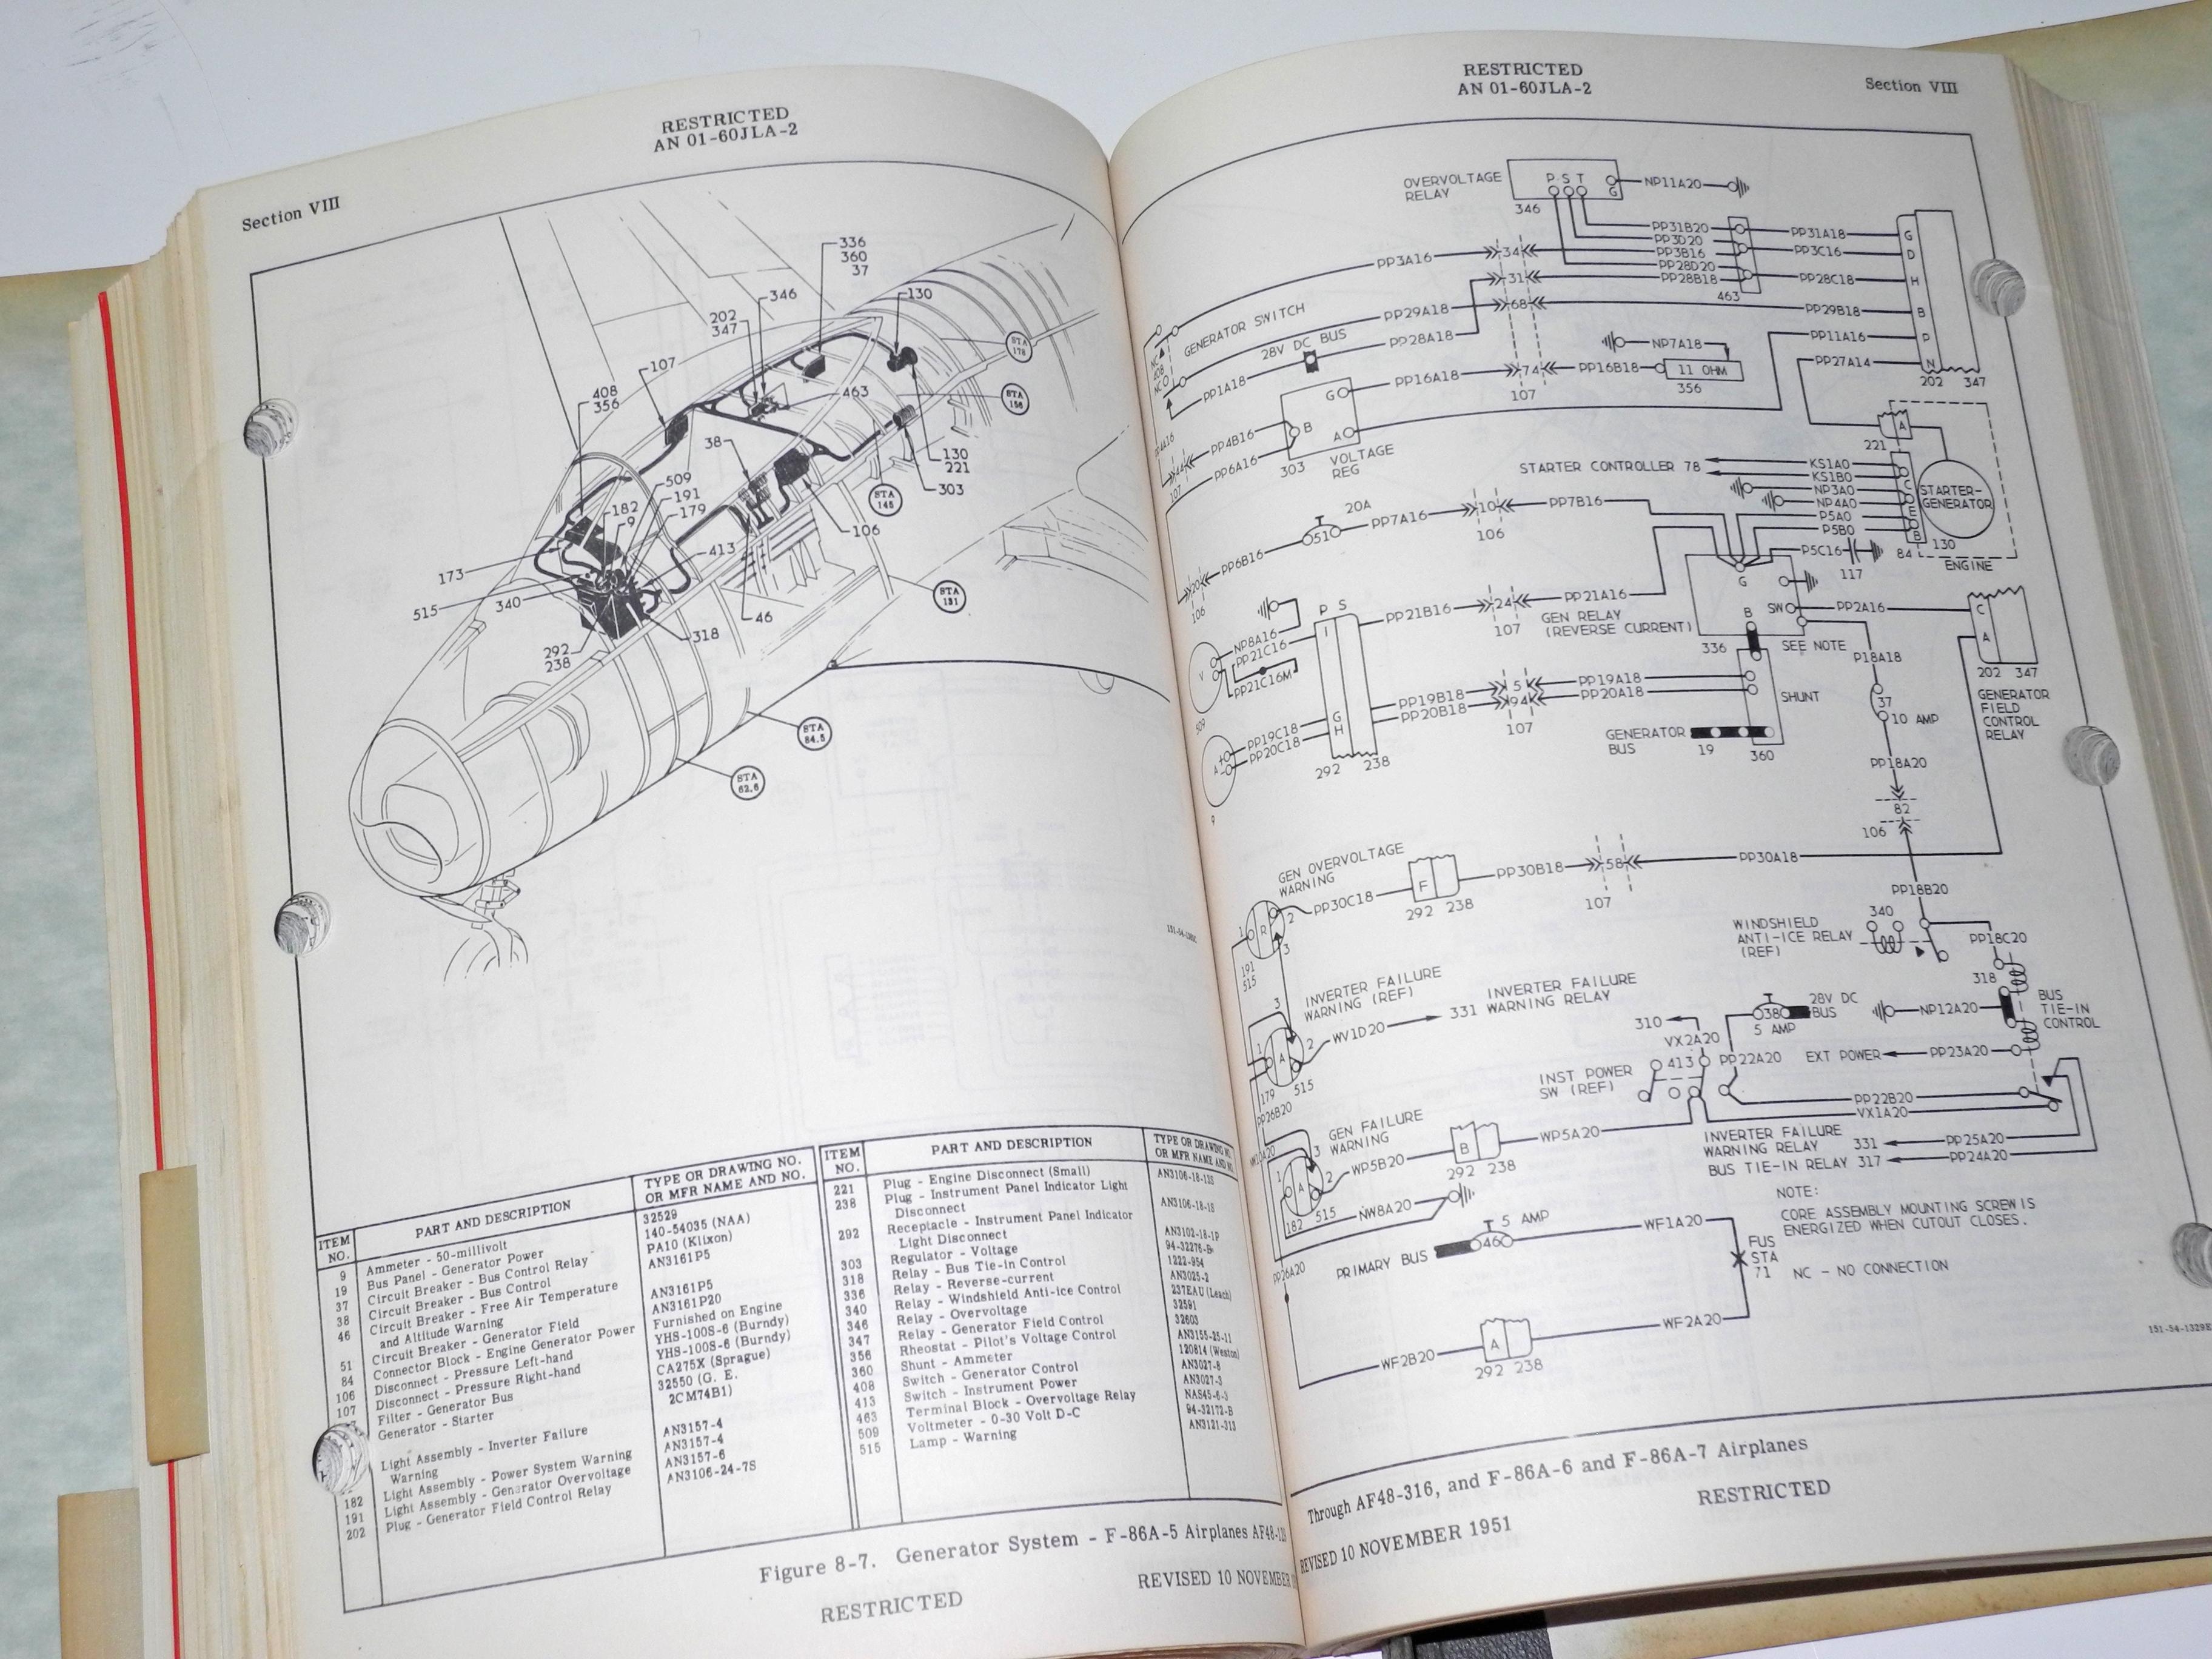 DSCN0992USAF F-86 handbook